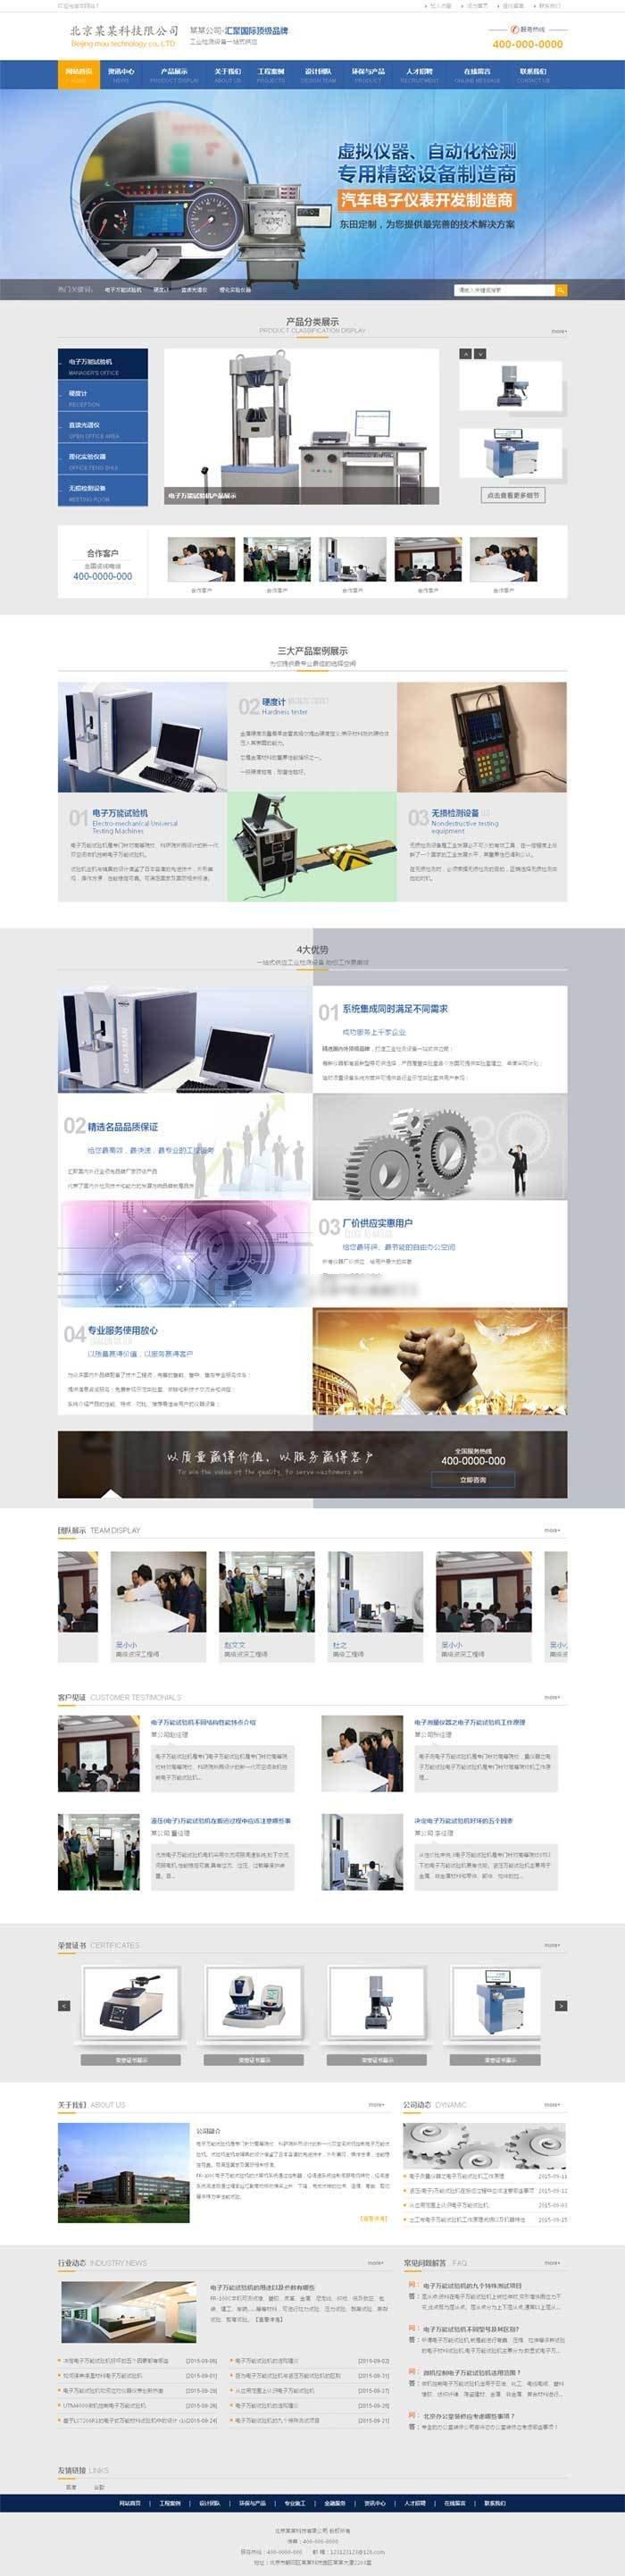 通用电子科技设备企业网站营销模板